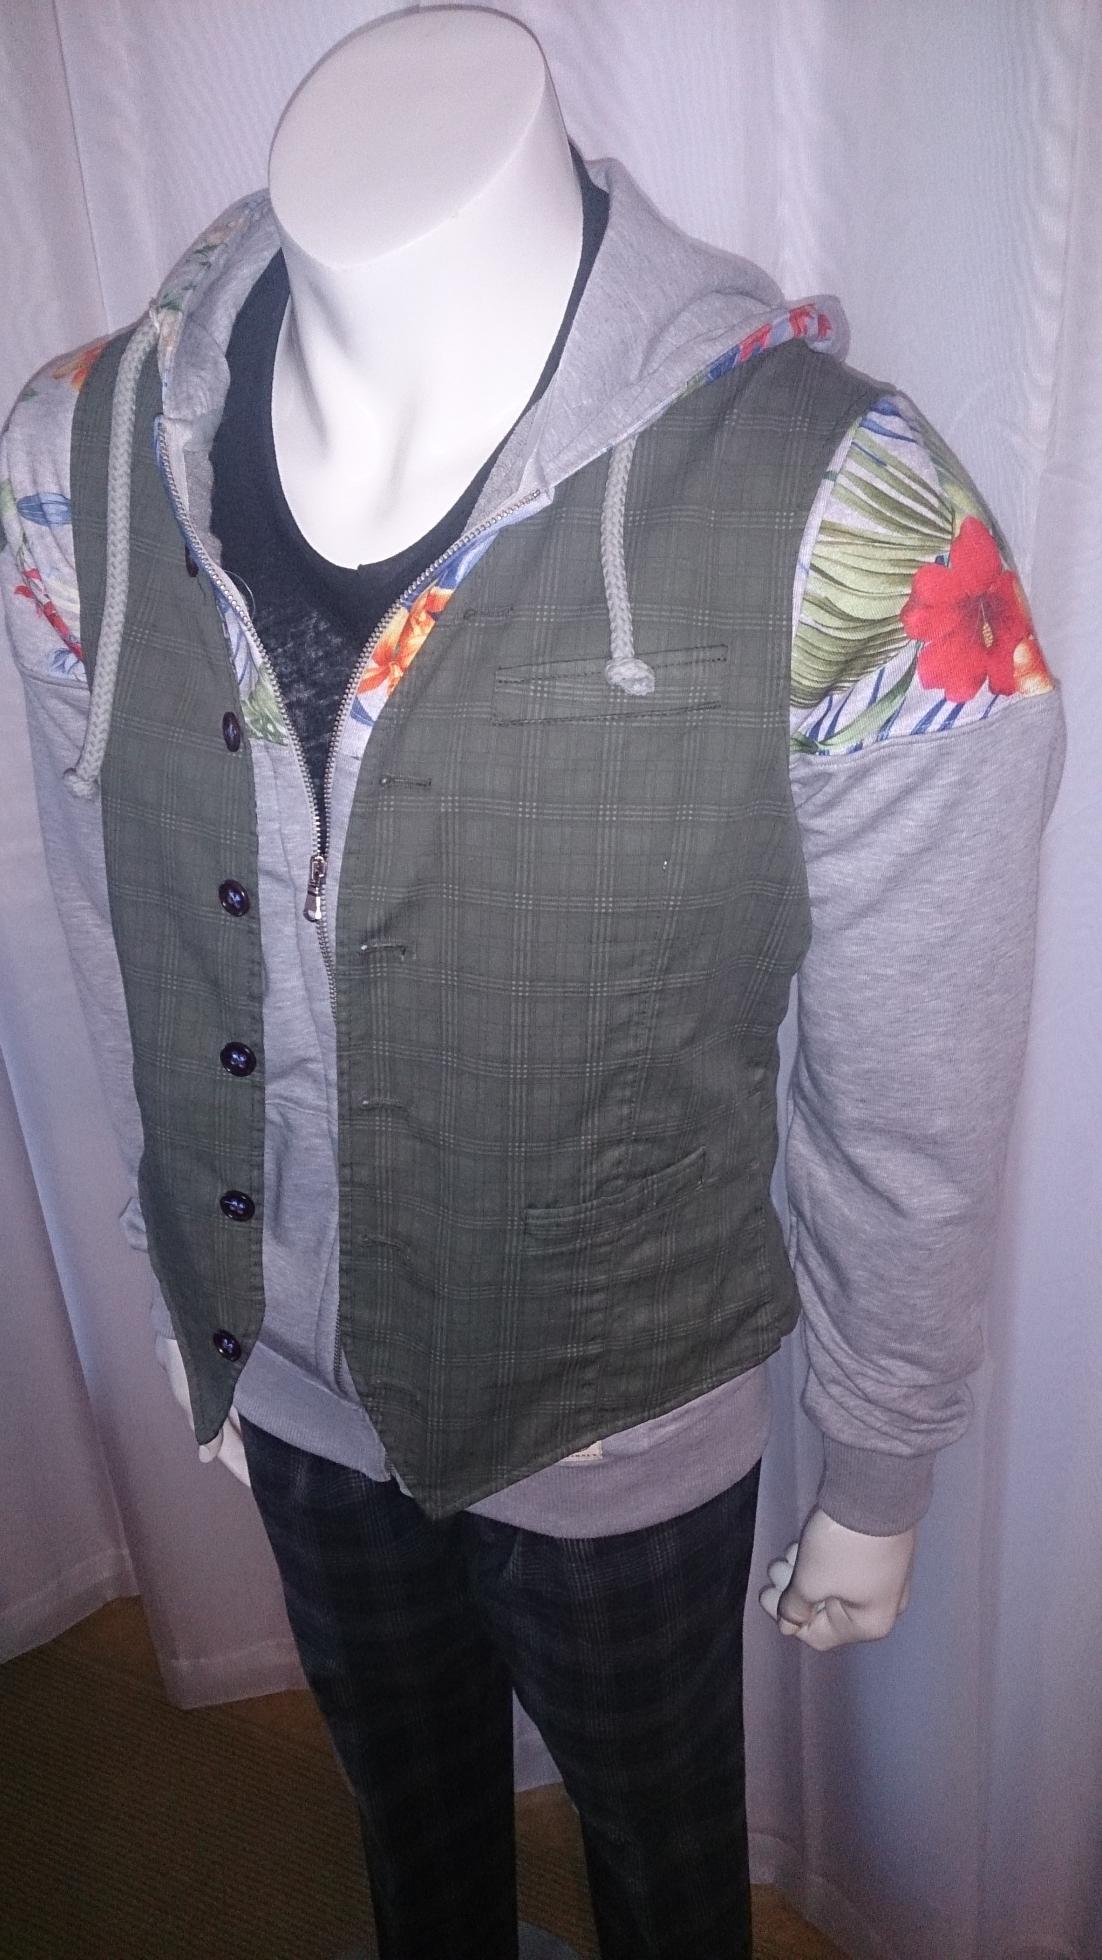 2015-11-04 Stones Vest Above